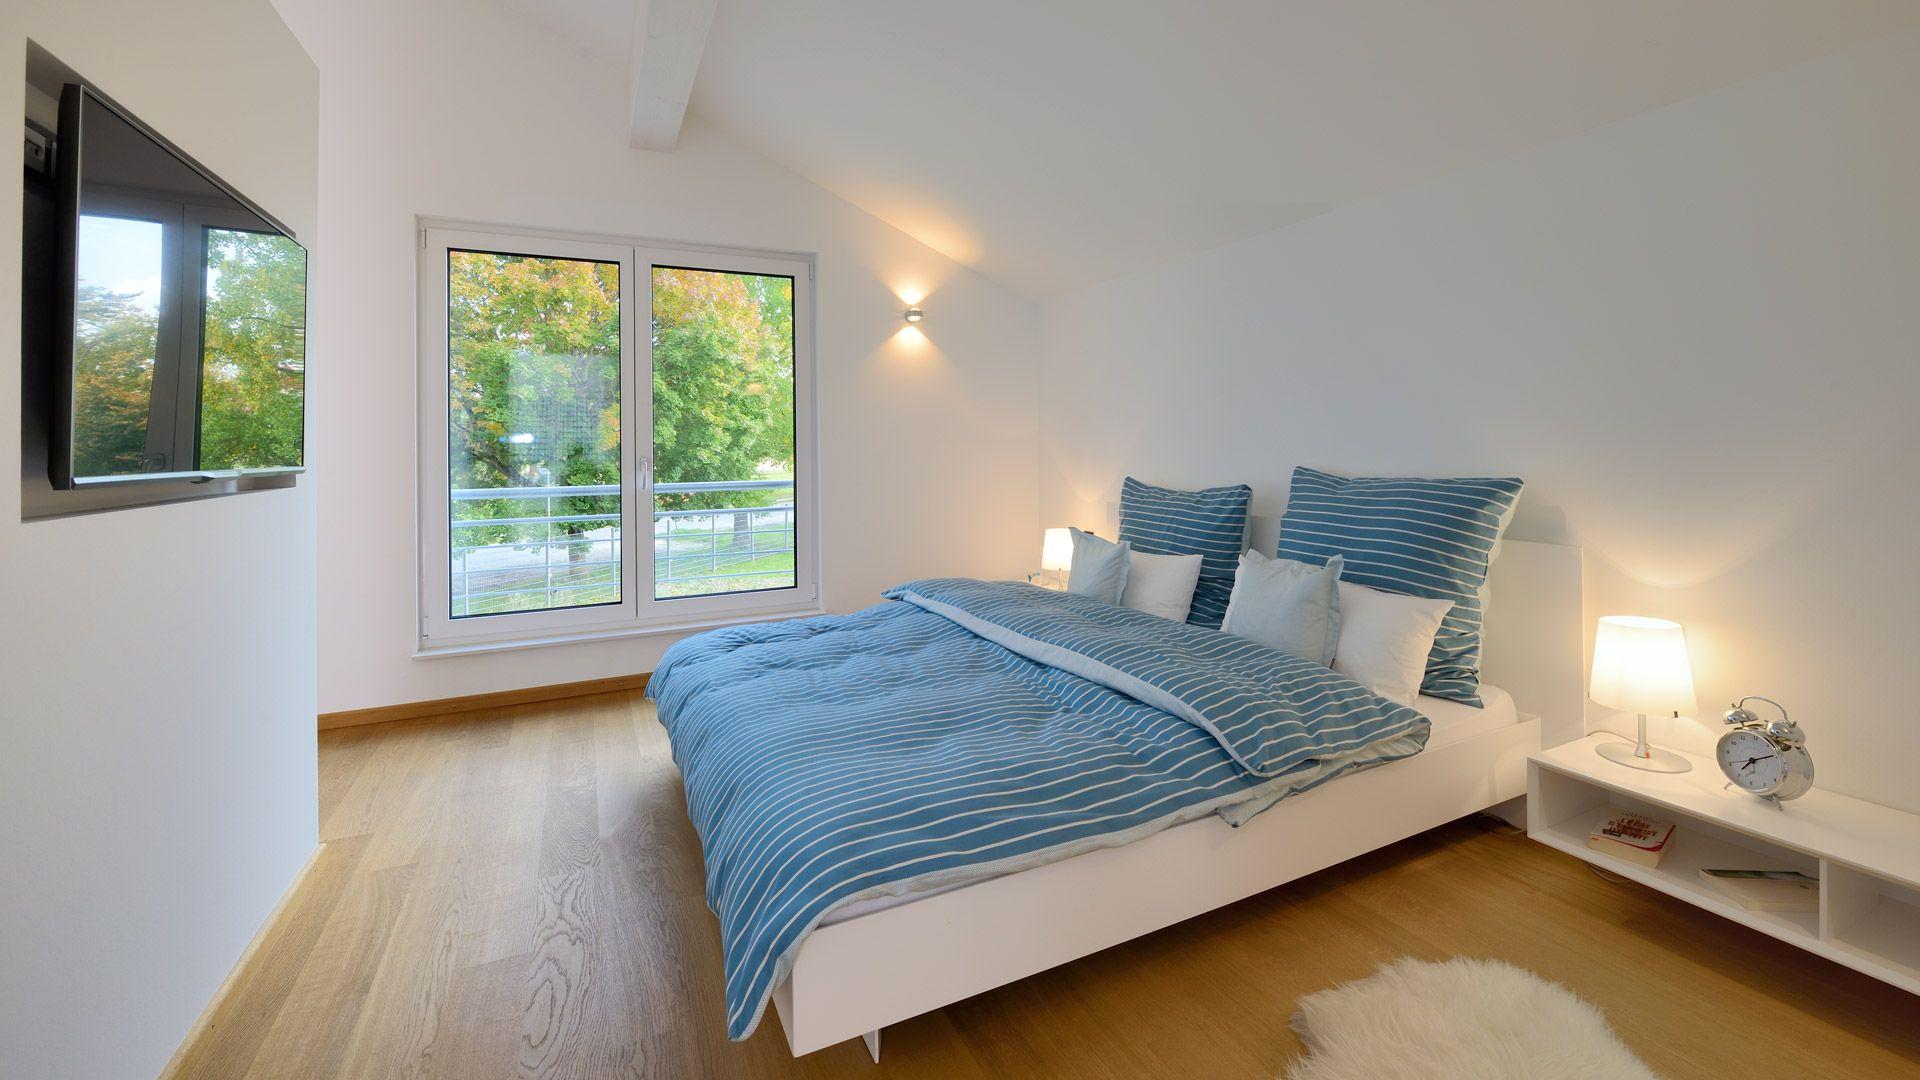 Schlafzimmer Im Musterhaus Ulm Fertighaus Satteldach Bedroom